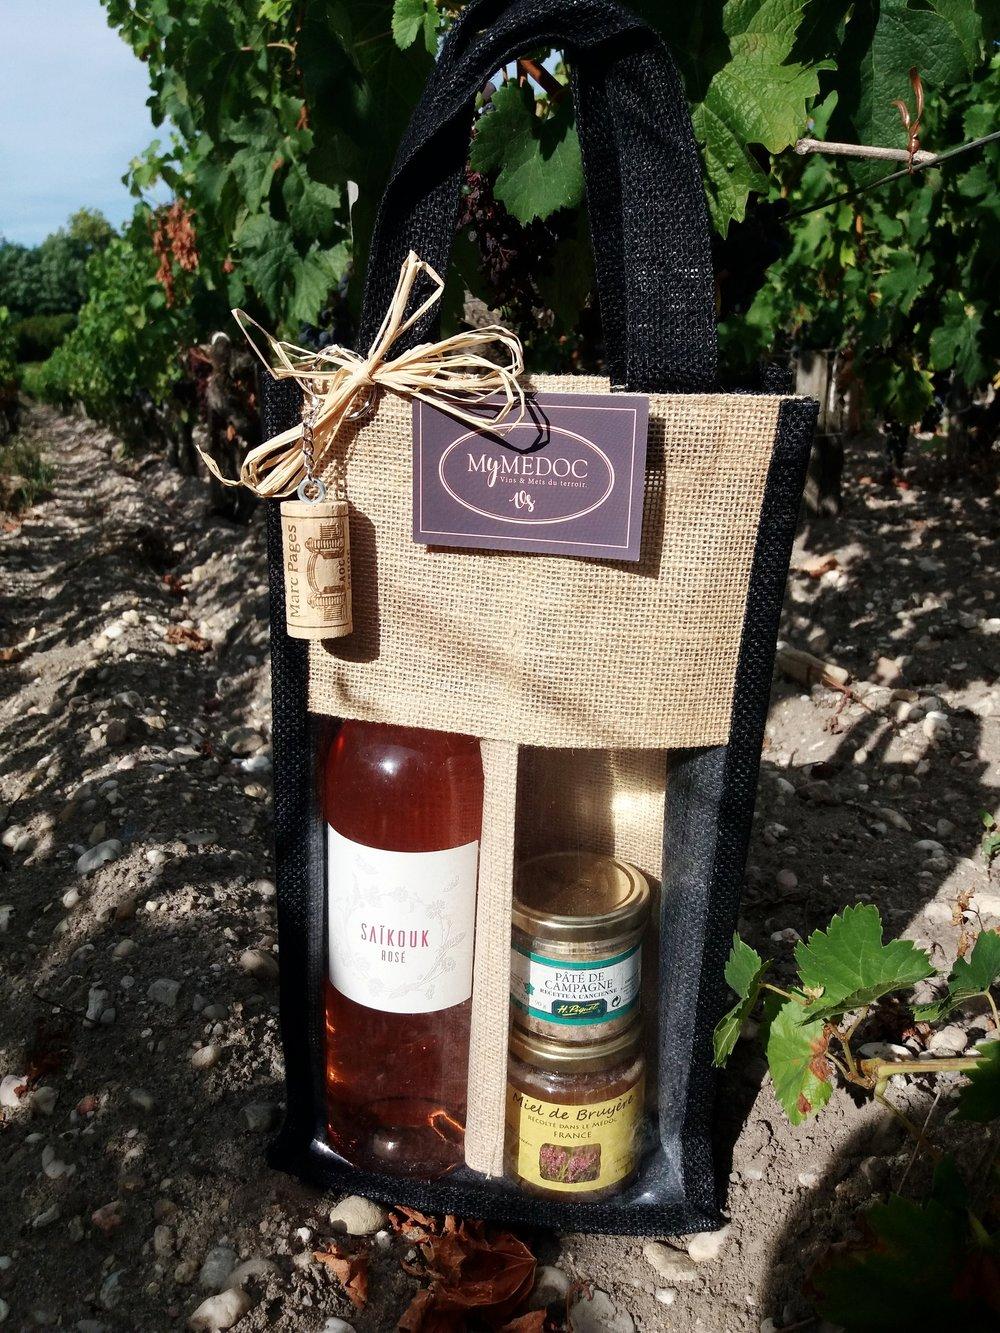 panier « PicNic rosé» - Ce panier est composé d'une bouteille de rosé du Château Saikouk, d'un miel et d'un pâté de campagne.Tarif : 26,90 €* Frais de livraison en supplément.* pour les professionnels et CE, nous contacter.